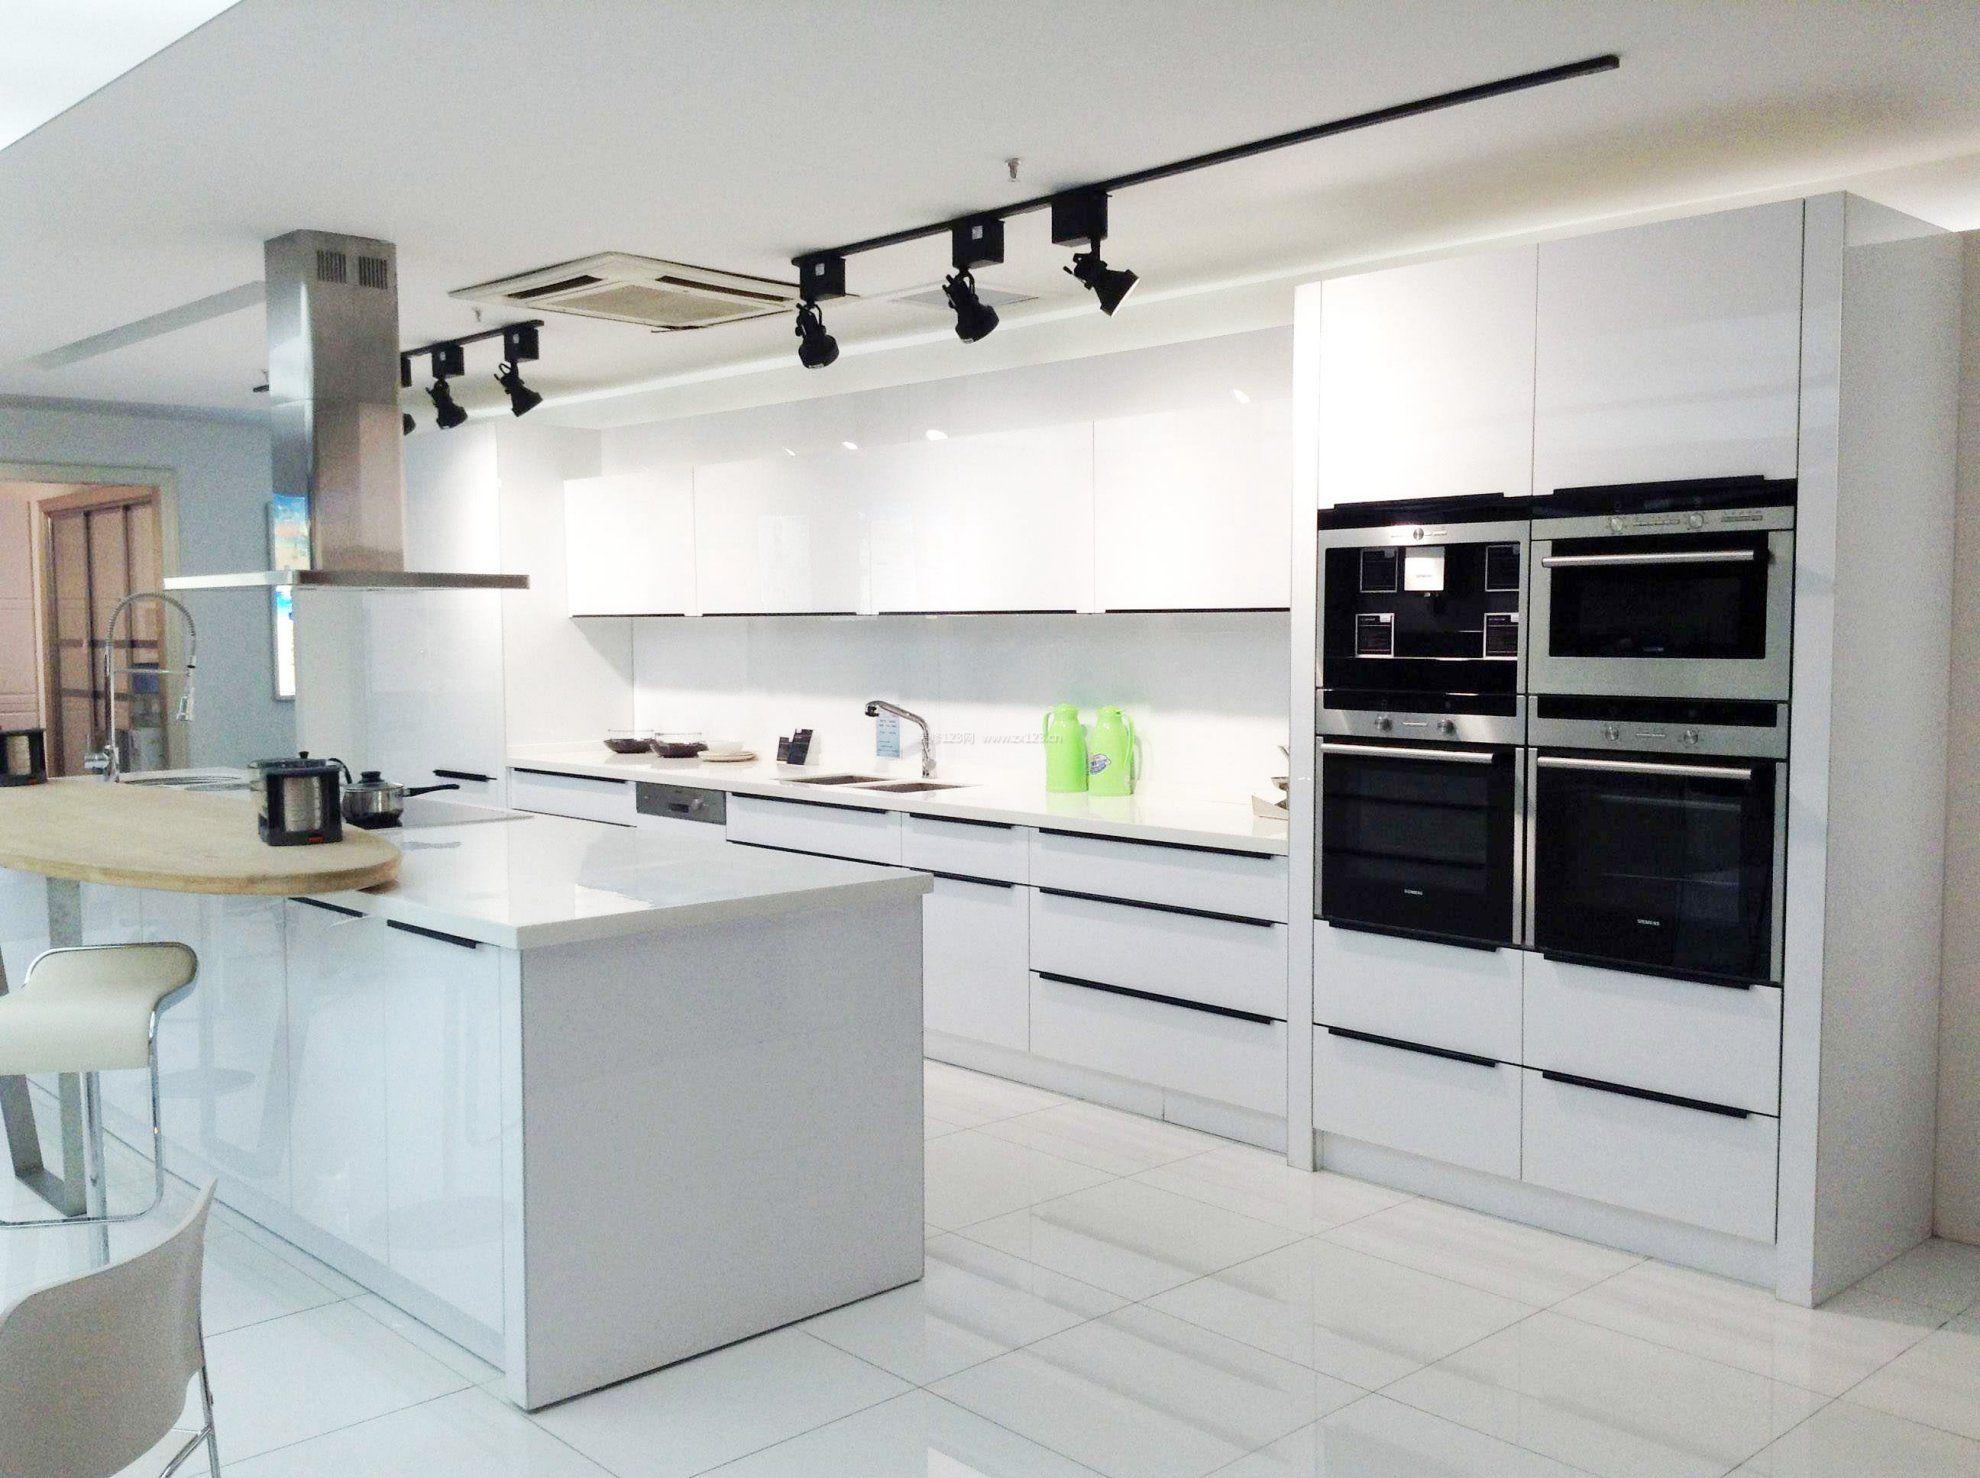 2018现代烤漆室内名片家居厨房旅游公司橱柜设计素材图片